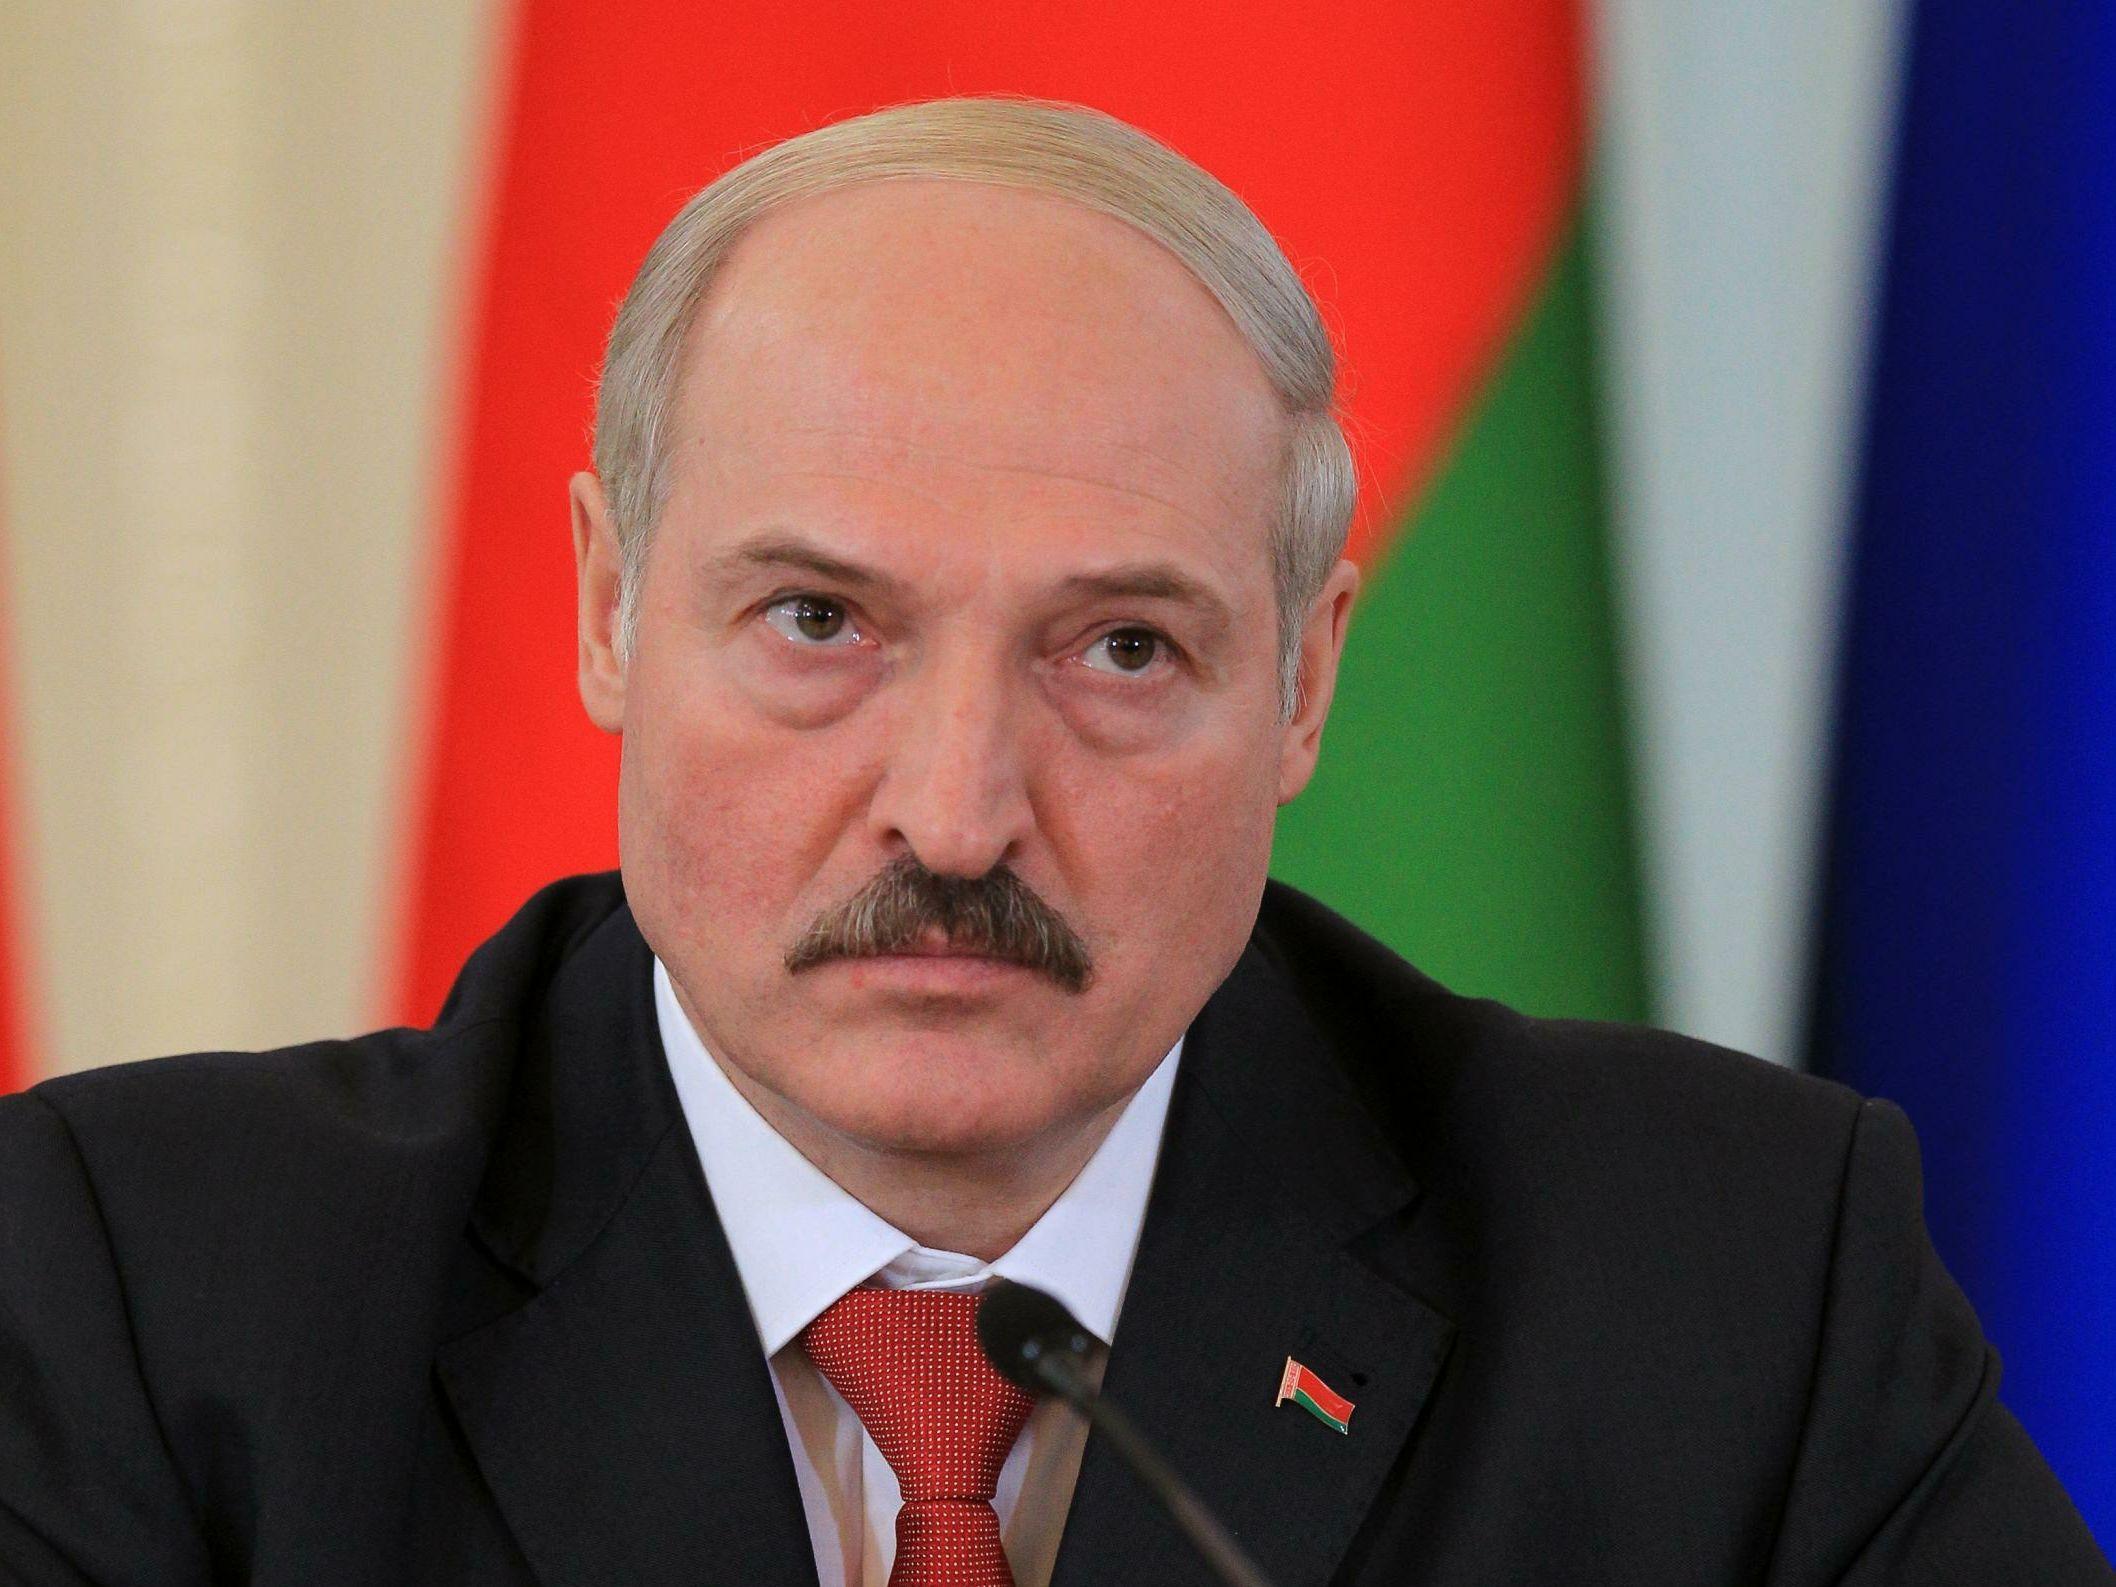 Лукашенко: У Беларуси нет денег на рискованные либеральные реформы